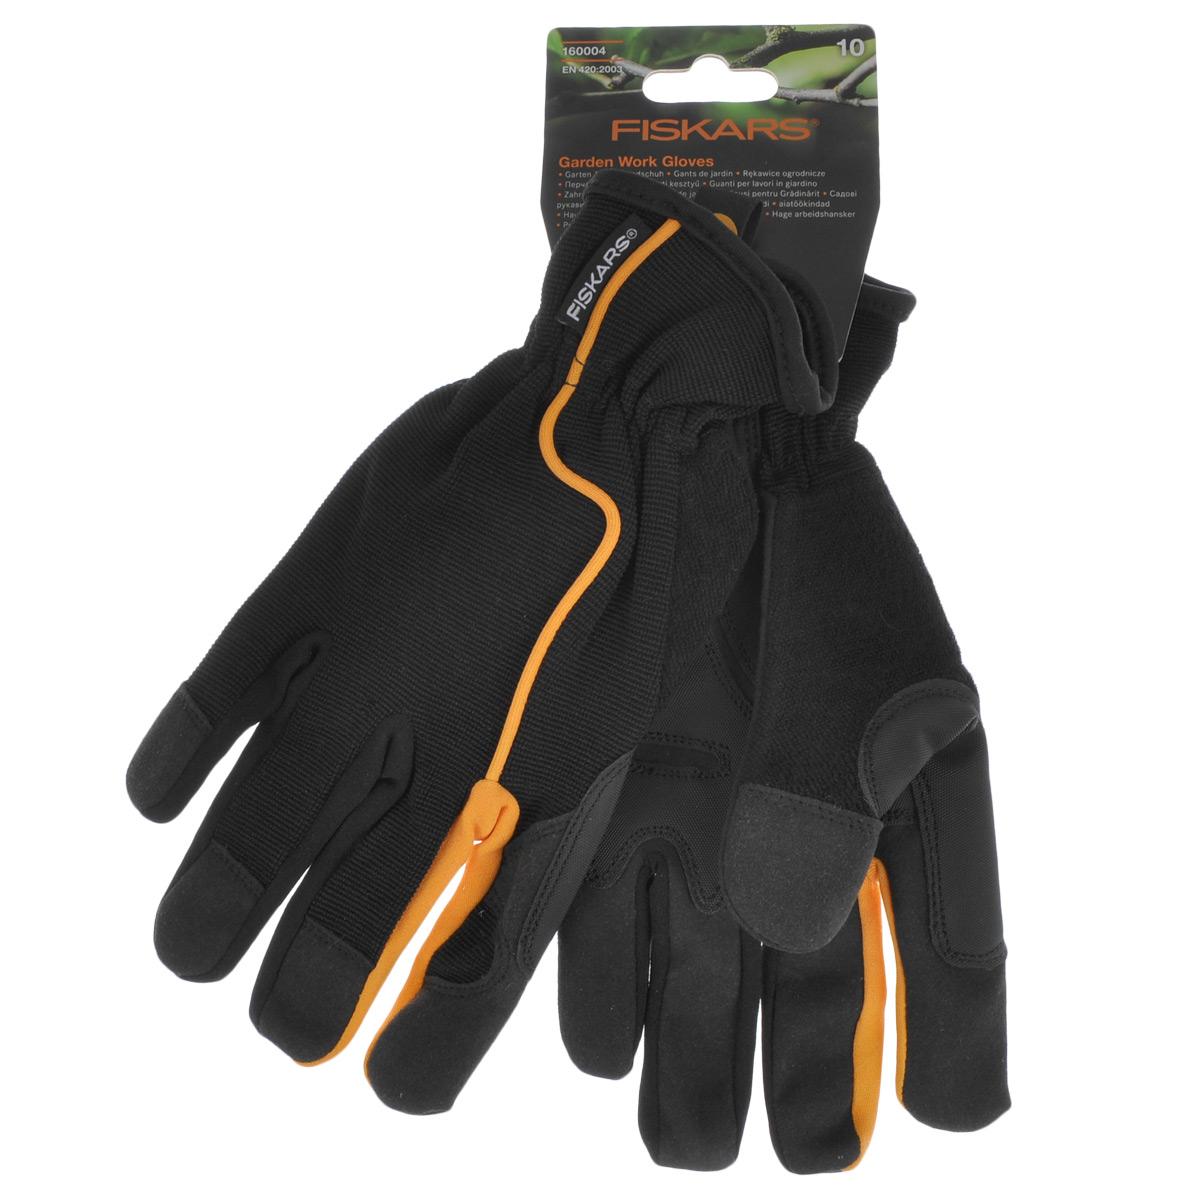 Перчатки садовые Fiskars, цвет: черный, оранжевый. Размер 1011094Перчатки Fiskars изготовлены из текстиля с вставками искусственной замши и резины. Они предназначены для защиты рук от повреждений. Перчатки не сковывают движения кистей рук и обеспечивают доступ воздуха. На ладонях имеется противоскользящие вставки для надежного захвата. Манжеты на резинке плотно обхватывают запястья. Мягкие перчатки удобно сидят по руке, не соскальзывая и не отвлекая от работы.